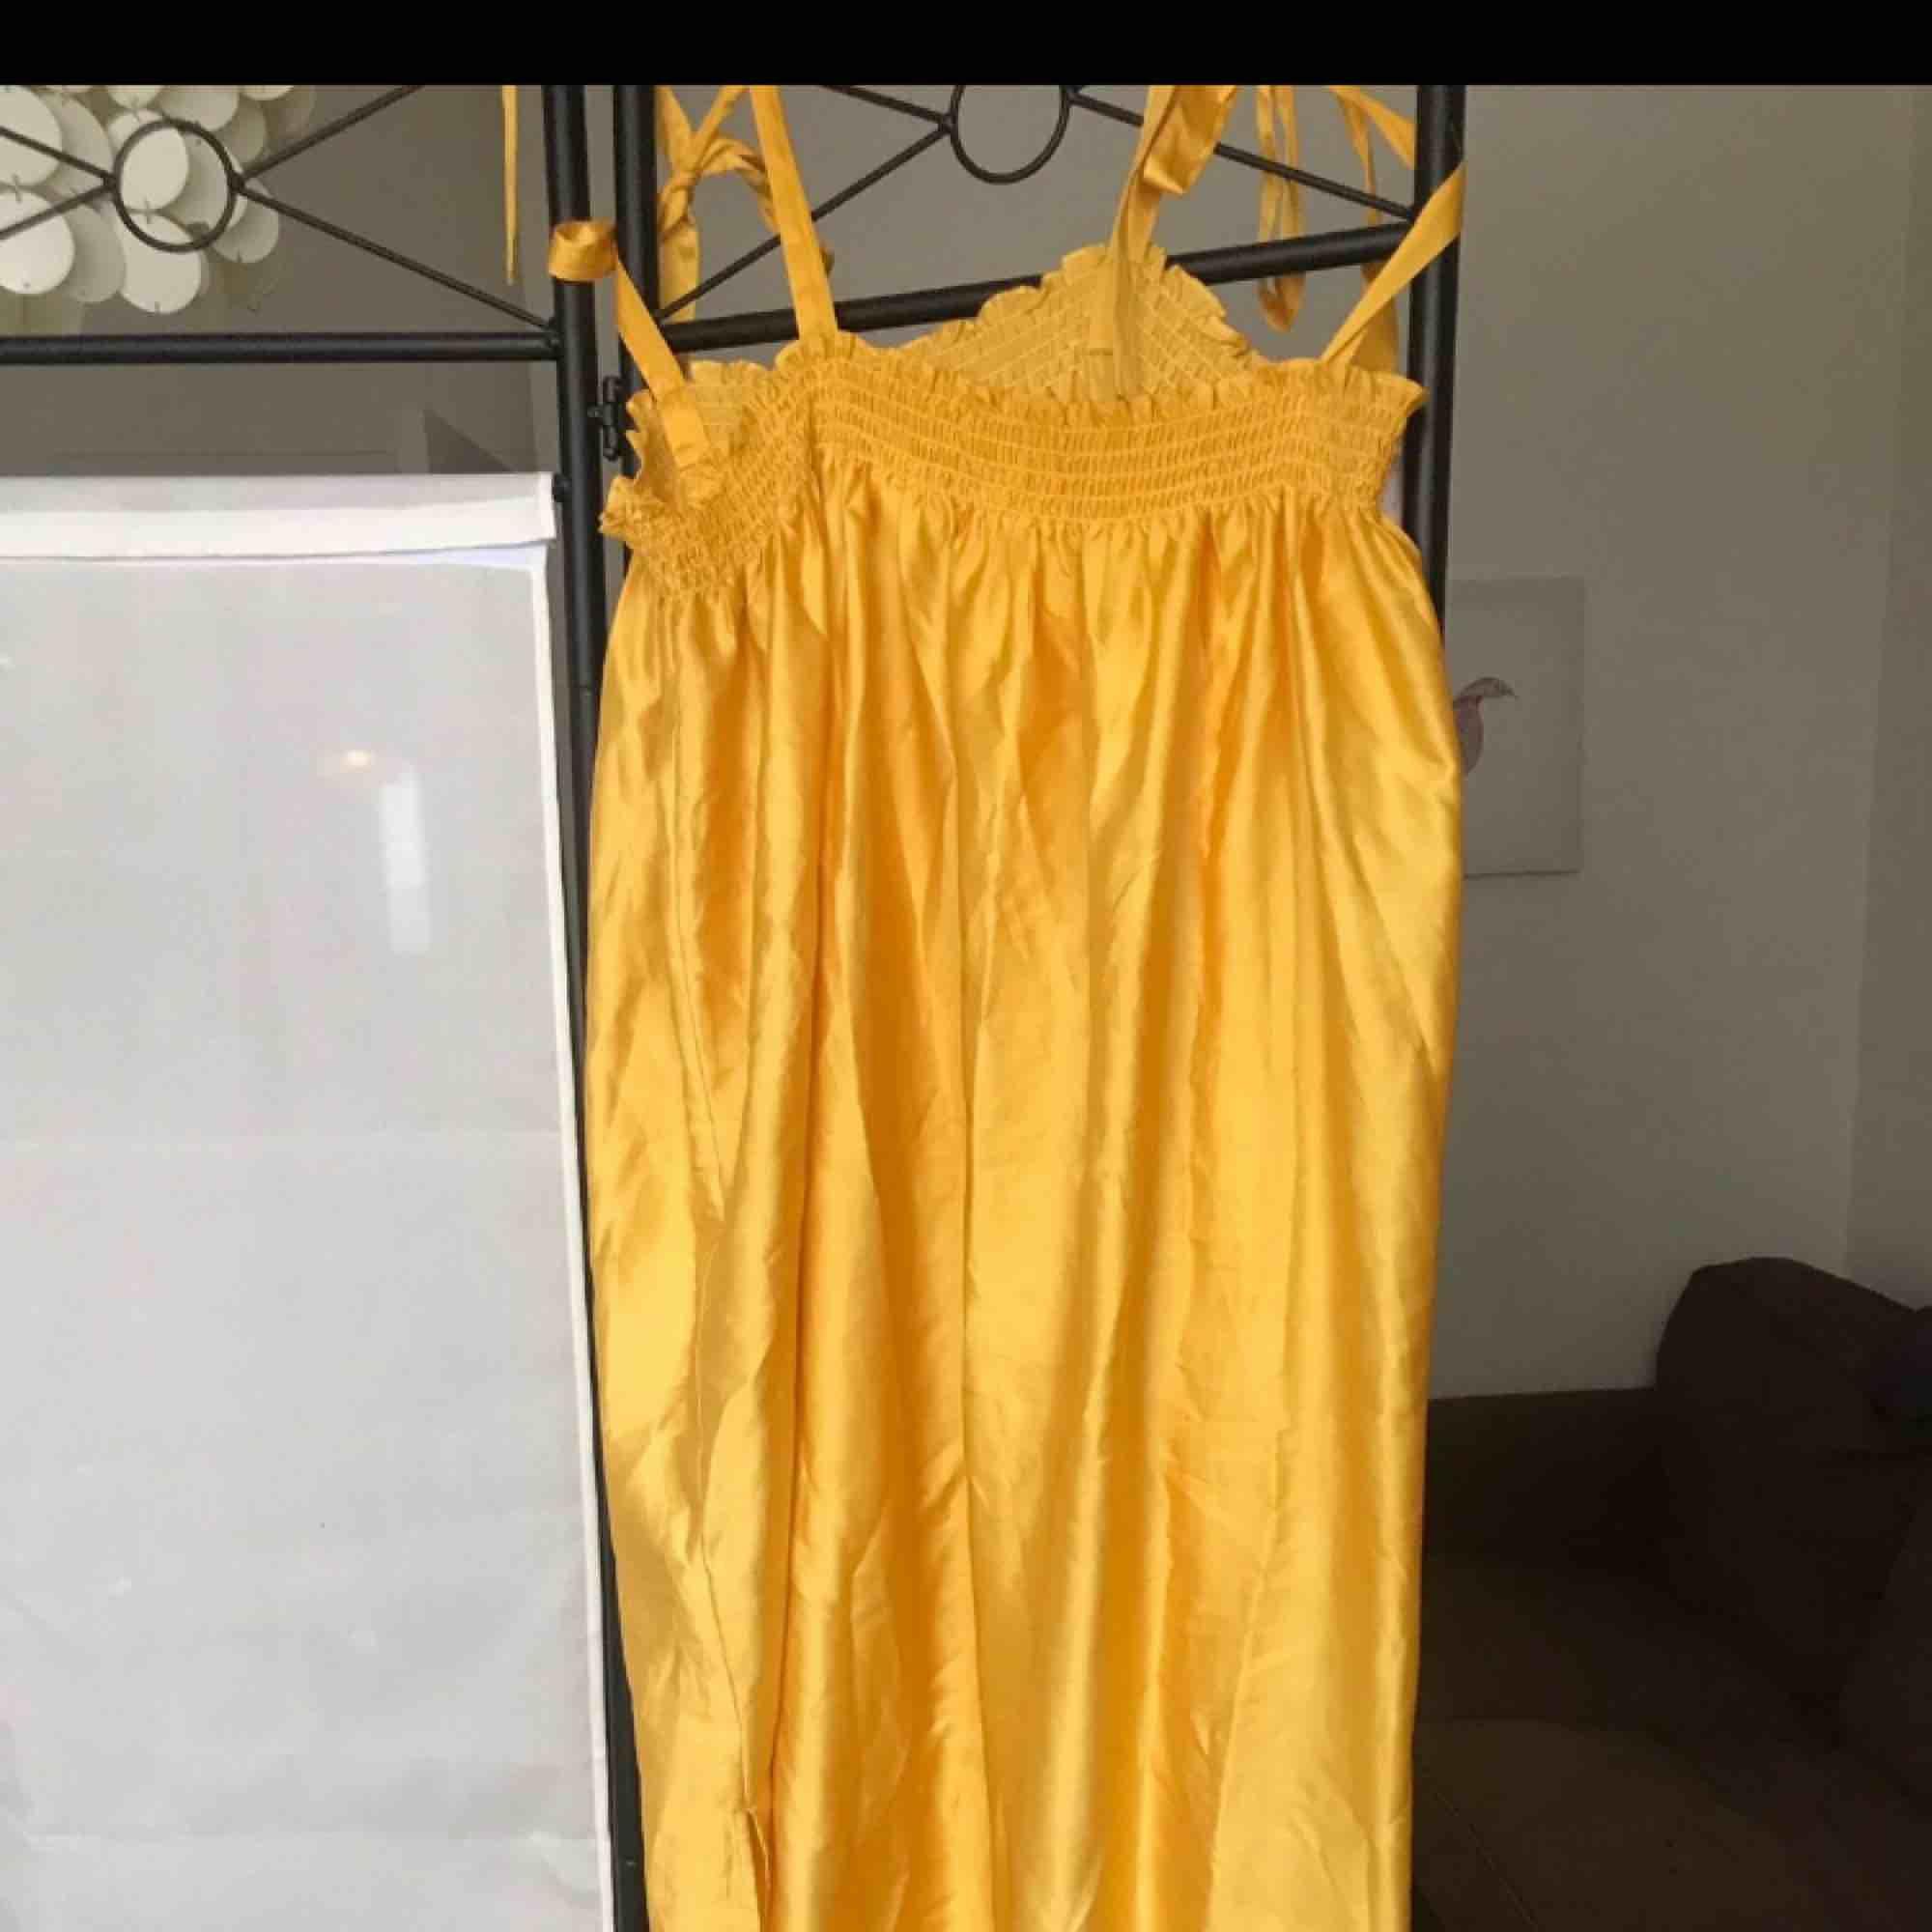 9d9e4baac330 jättefin gul klänning som man knyter axelbanden på! storlek 44 köparen  betalar frakt! endast ...